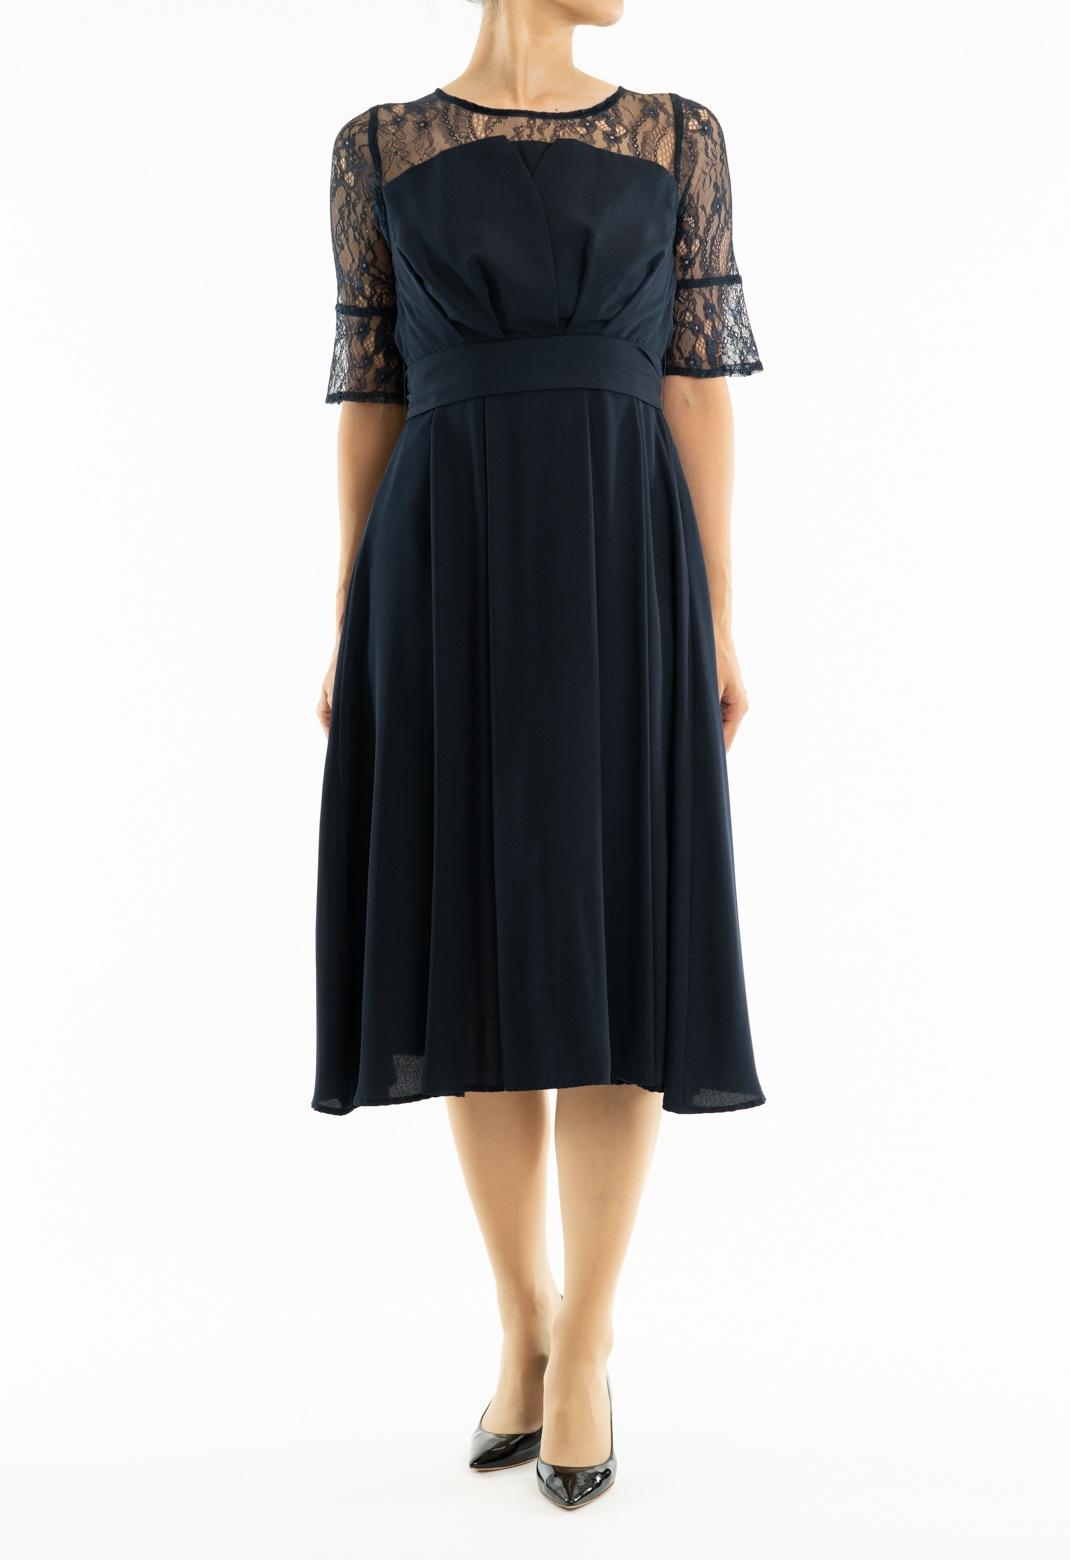 ビスチェ風 レース切替え 七分袖 ドレス